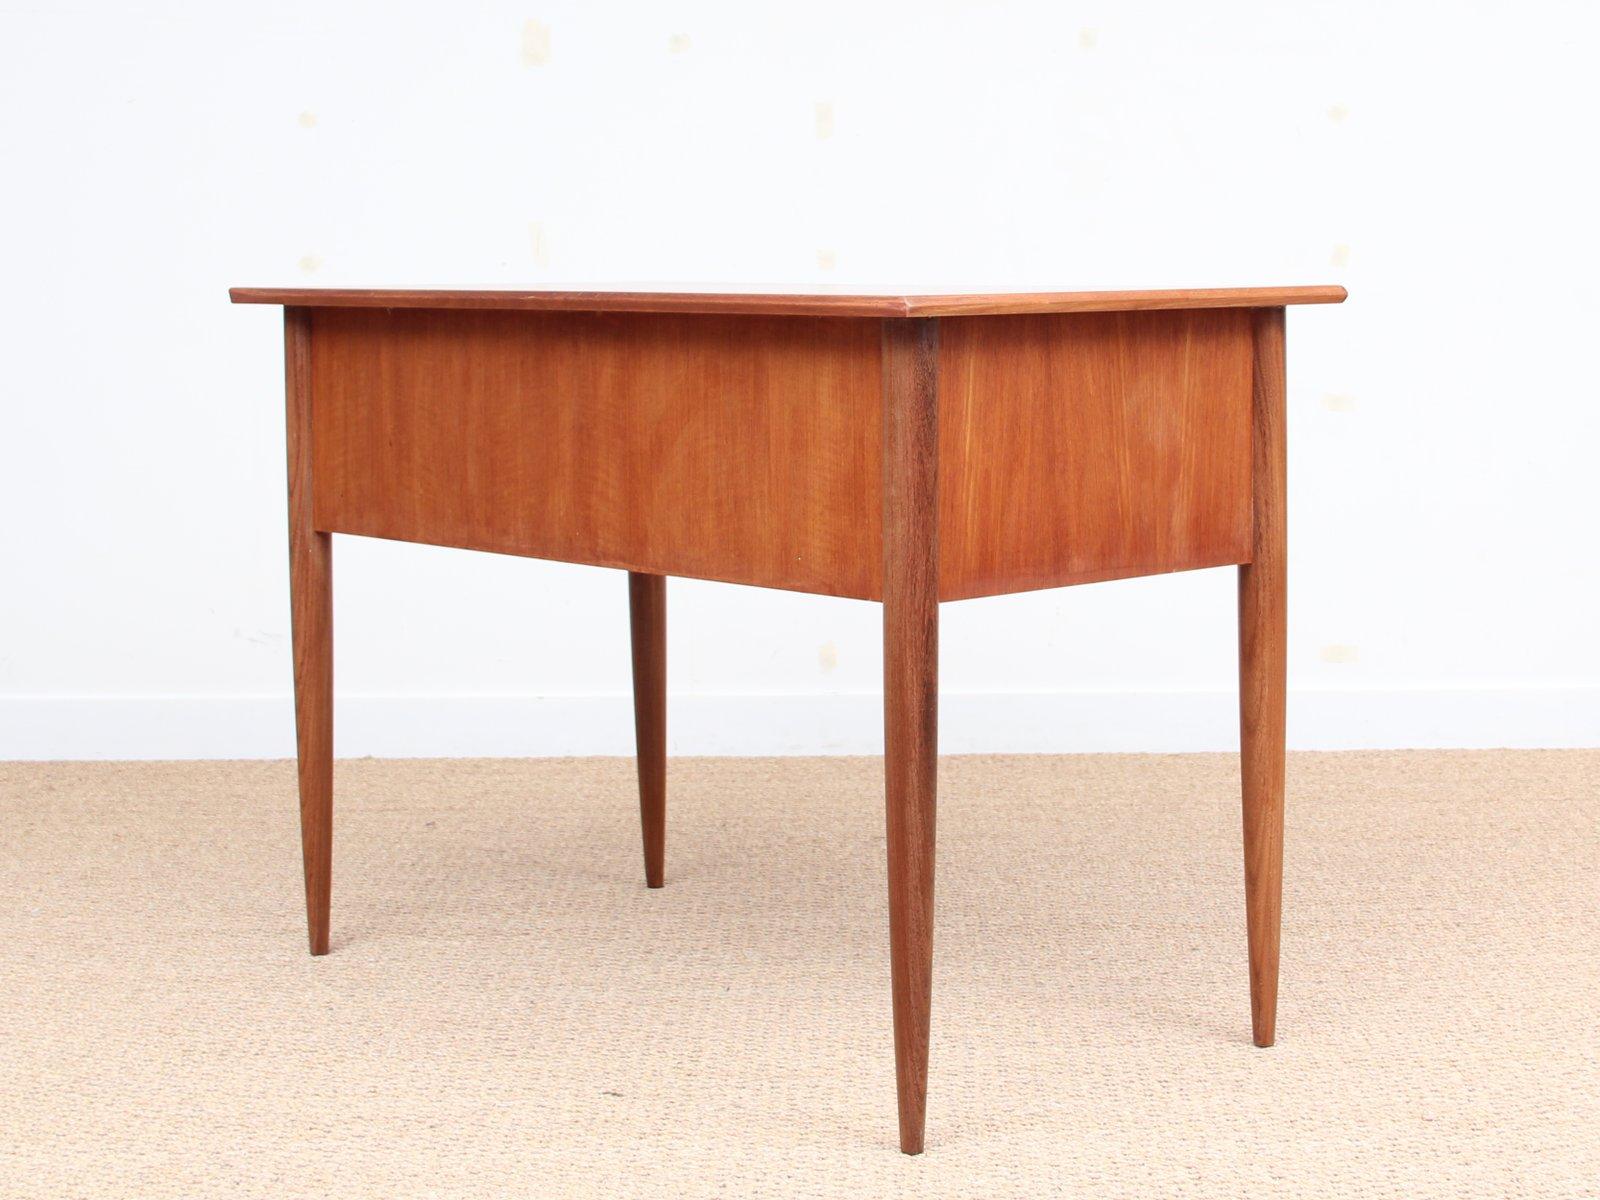 kleiner mid century schreibtisch aus teak 1950er bei pamono kaufen. Black Bedroom Furniture Sets. Home Design Ideas